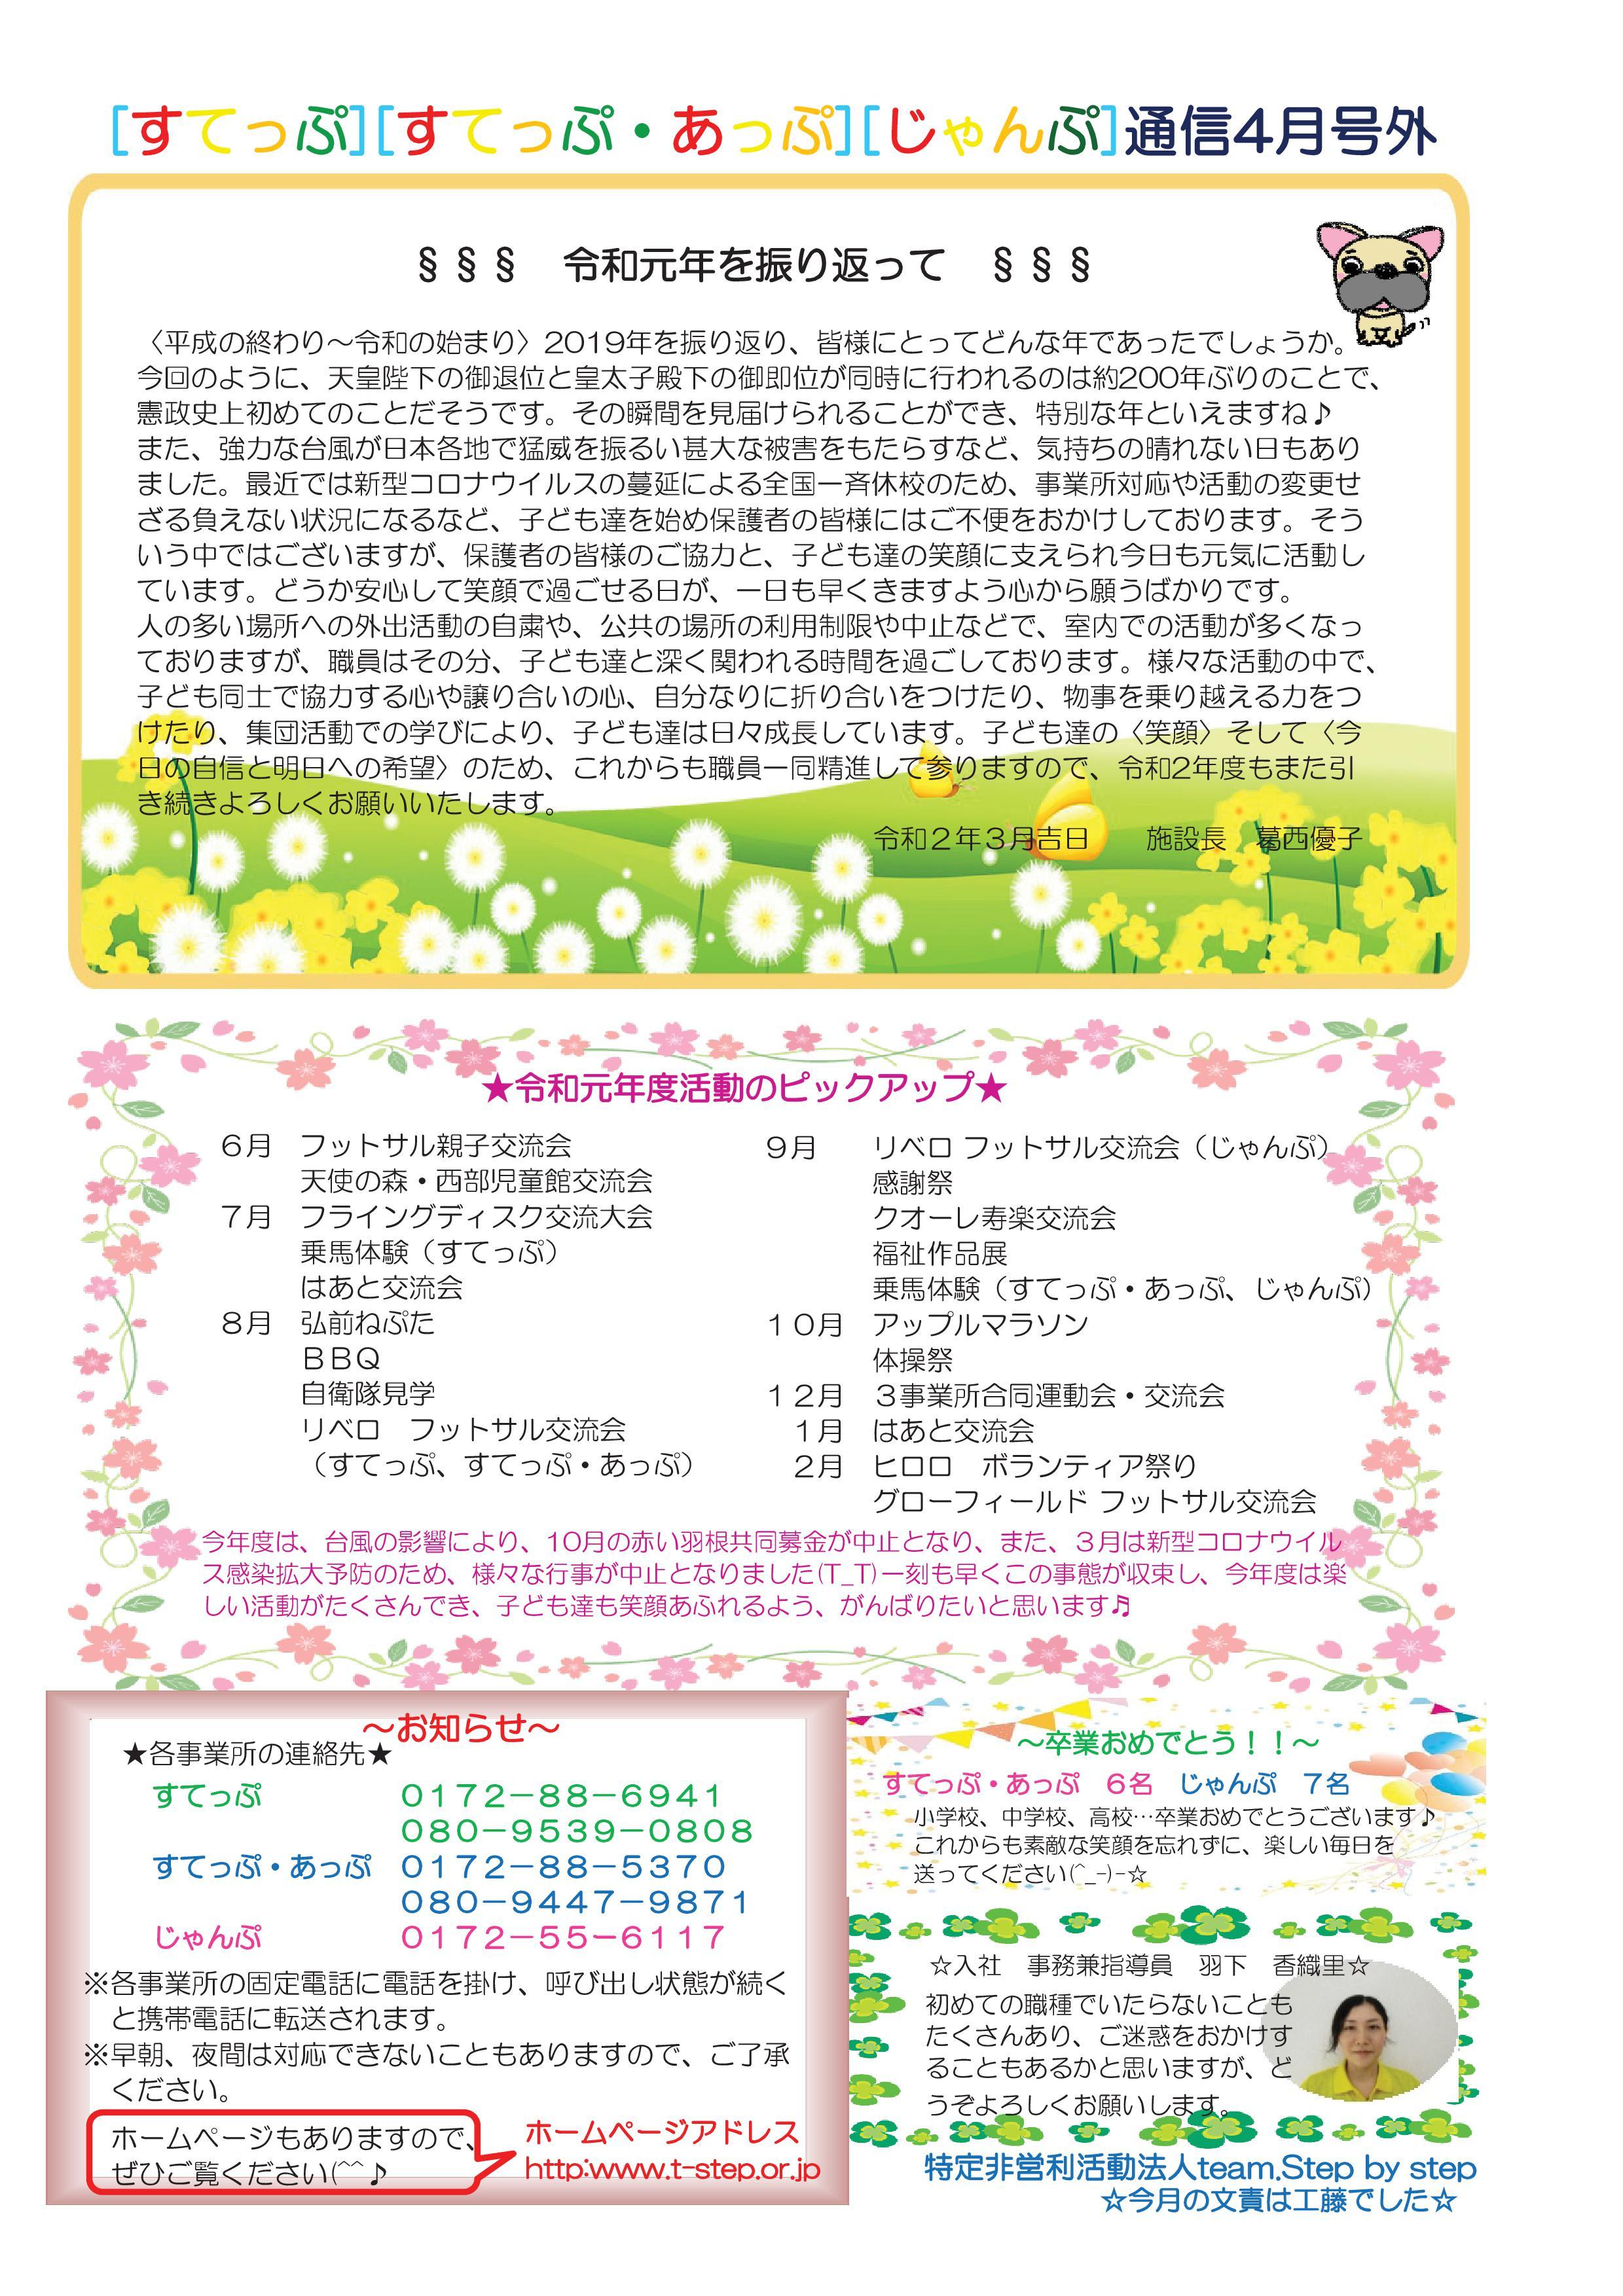 すてっぷ・すてっぷあっぷ・じゃんぷ通信2020年4月号号外